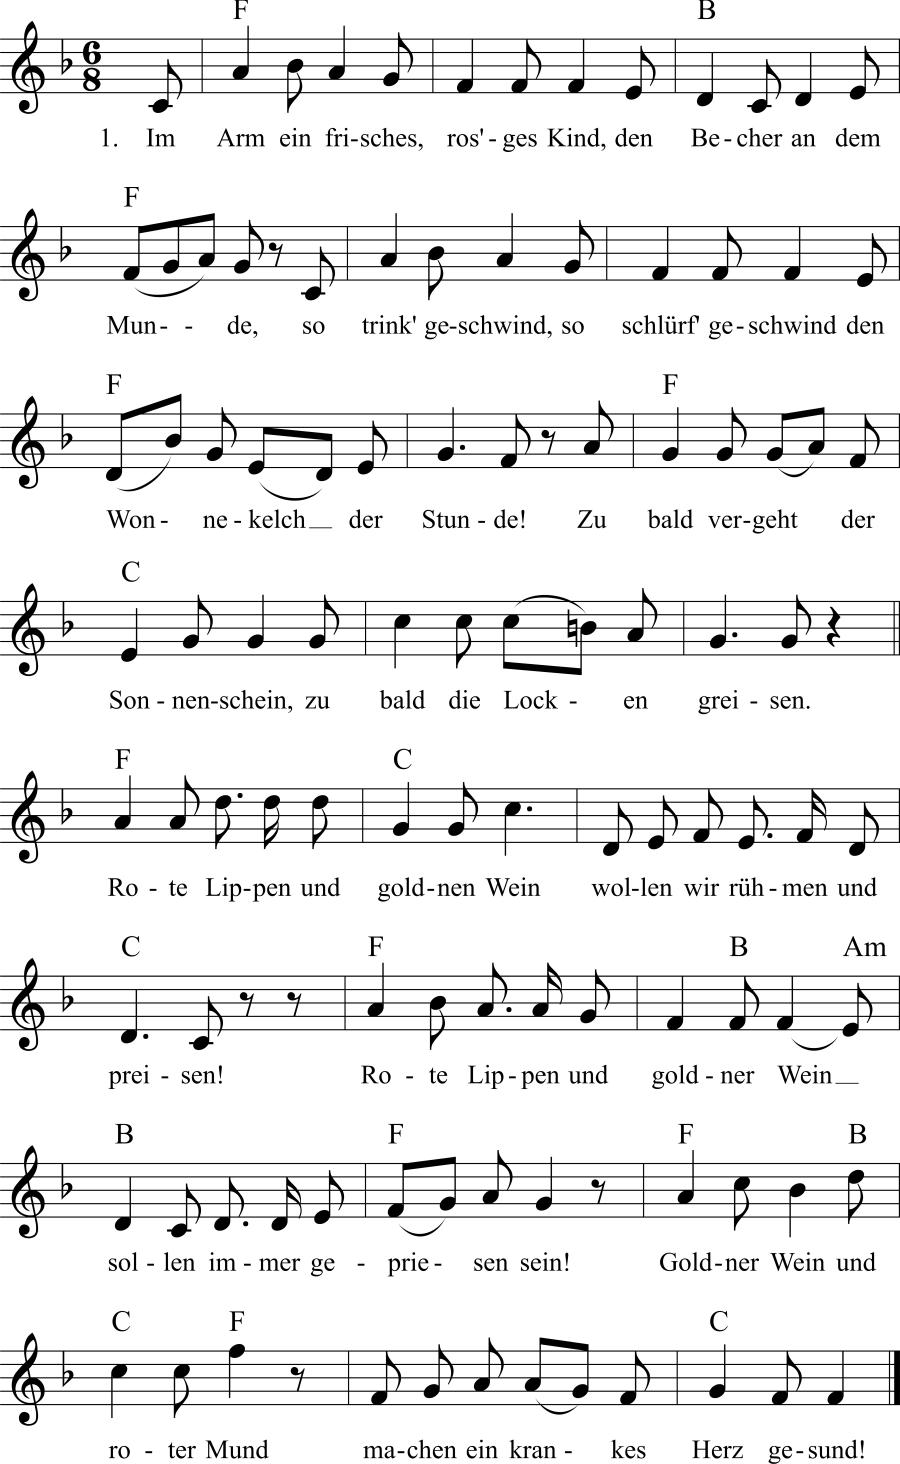 Musiknoten zum Lied Rote Lippen, gold'ner Wein